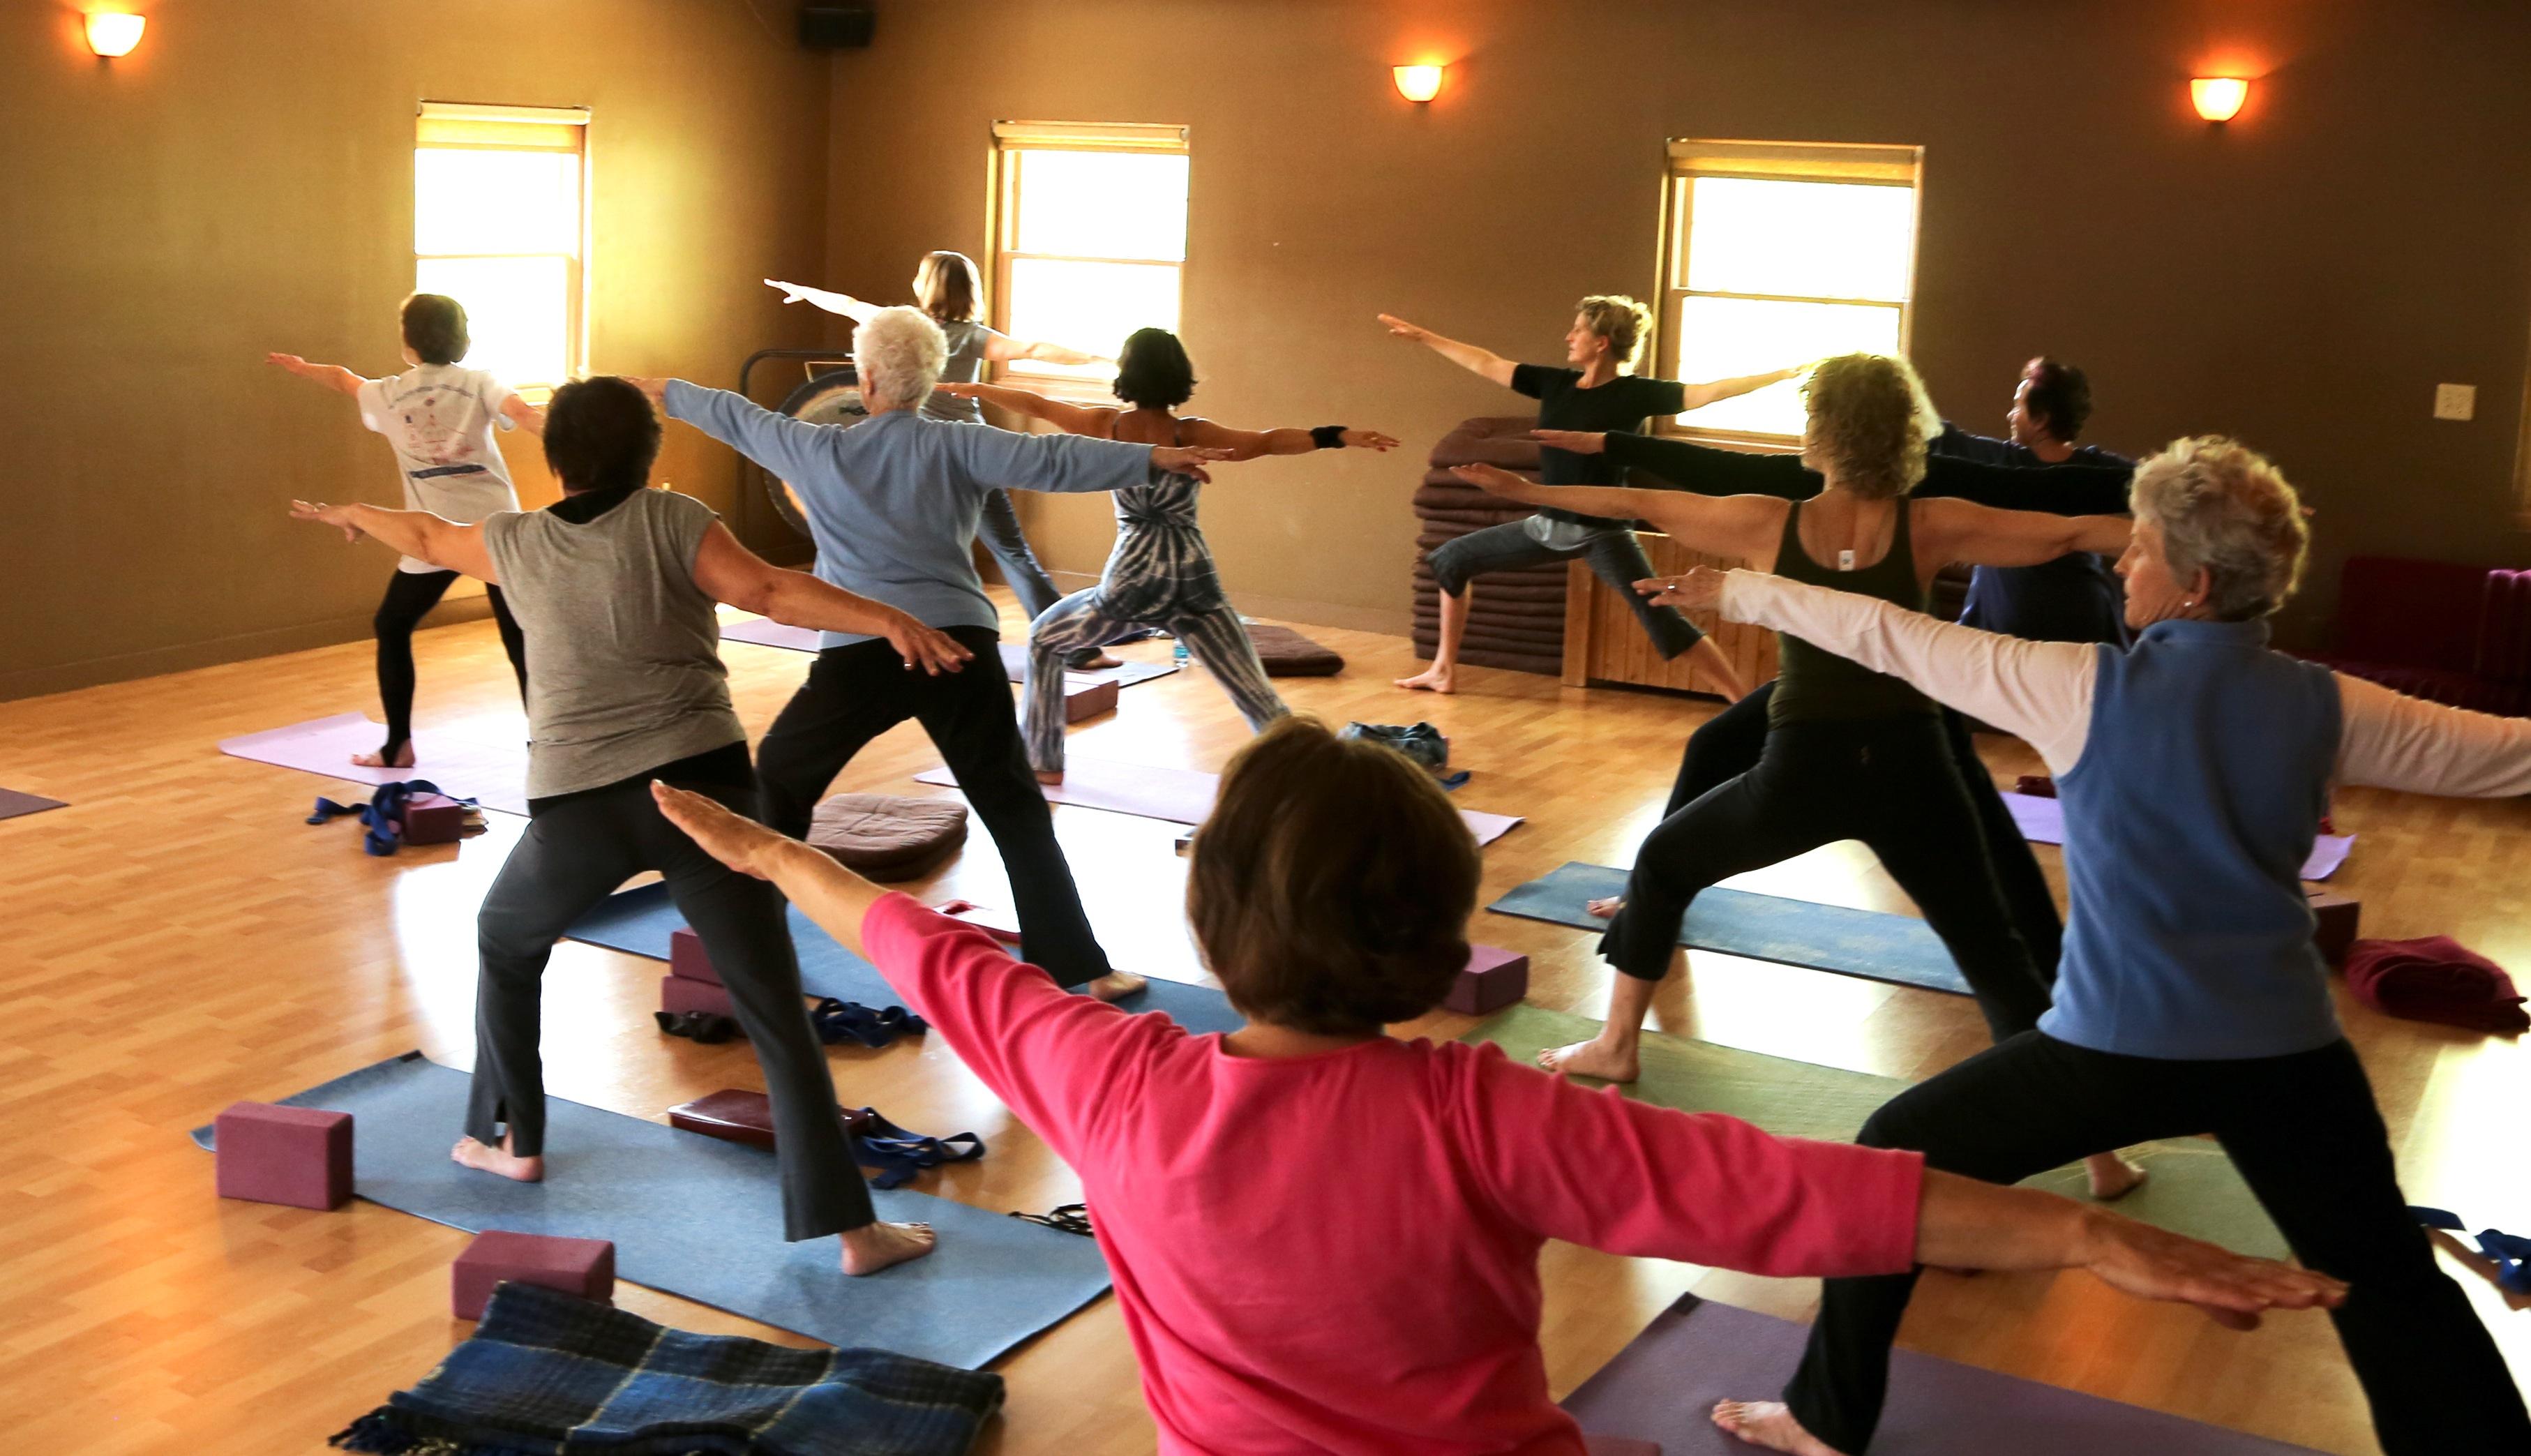 Yoga, natural healing